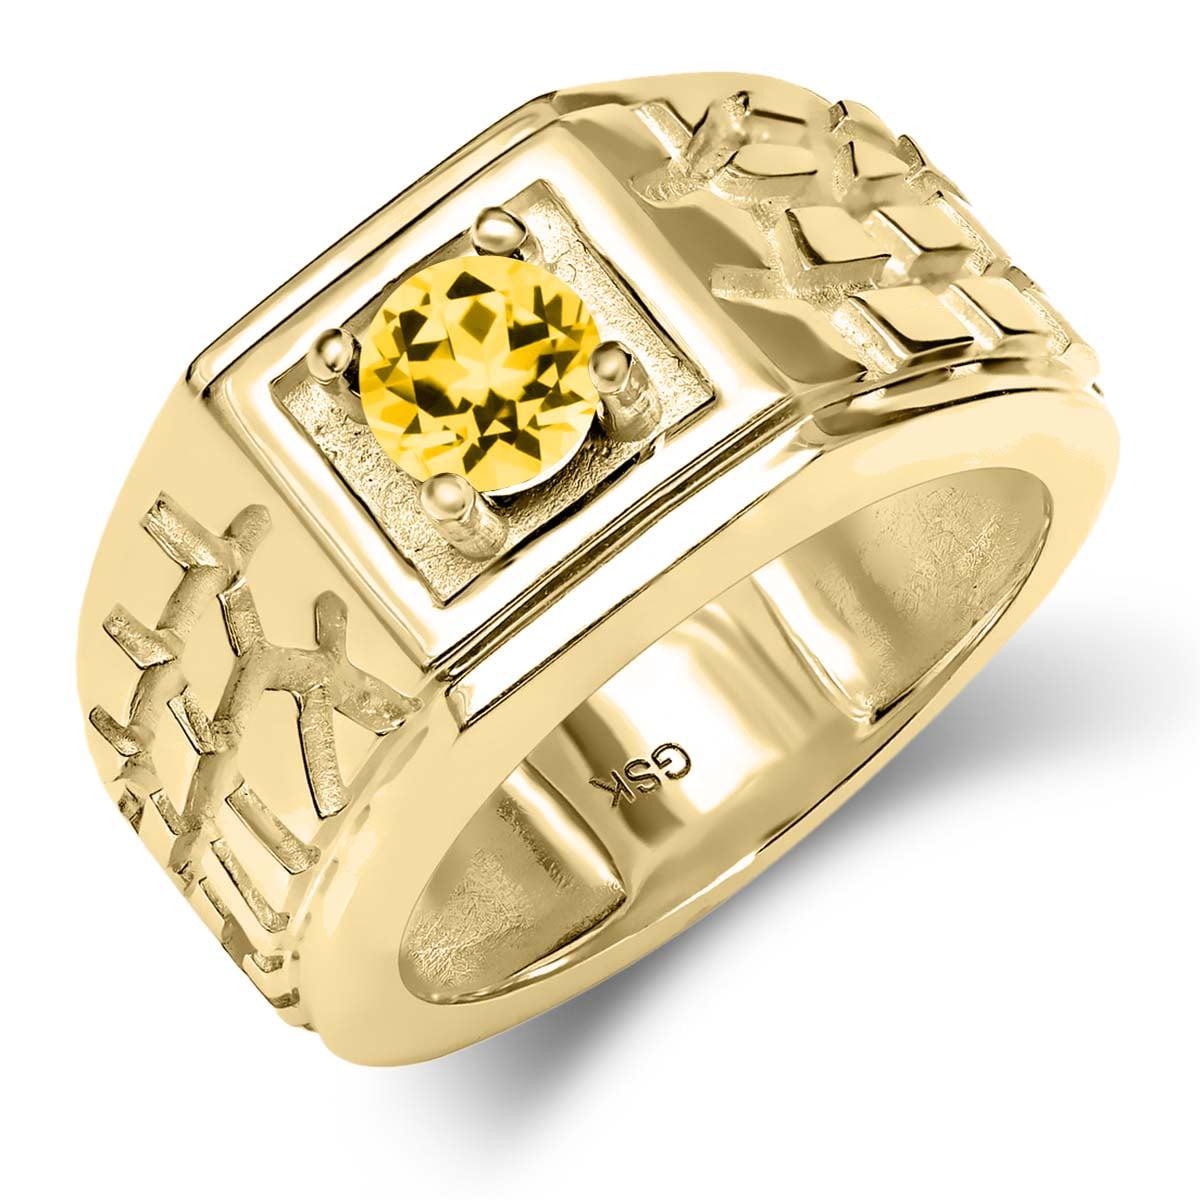 14K Yellow Gold Ring Set with Round Honey Topaz from Swarovski